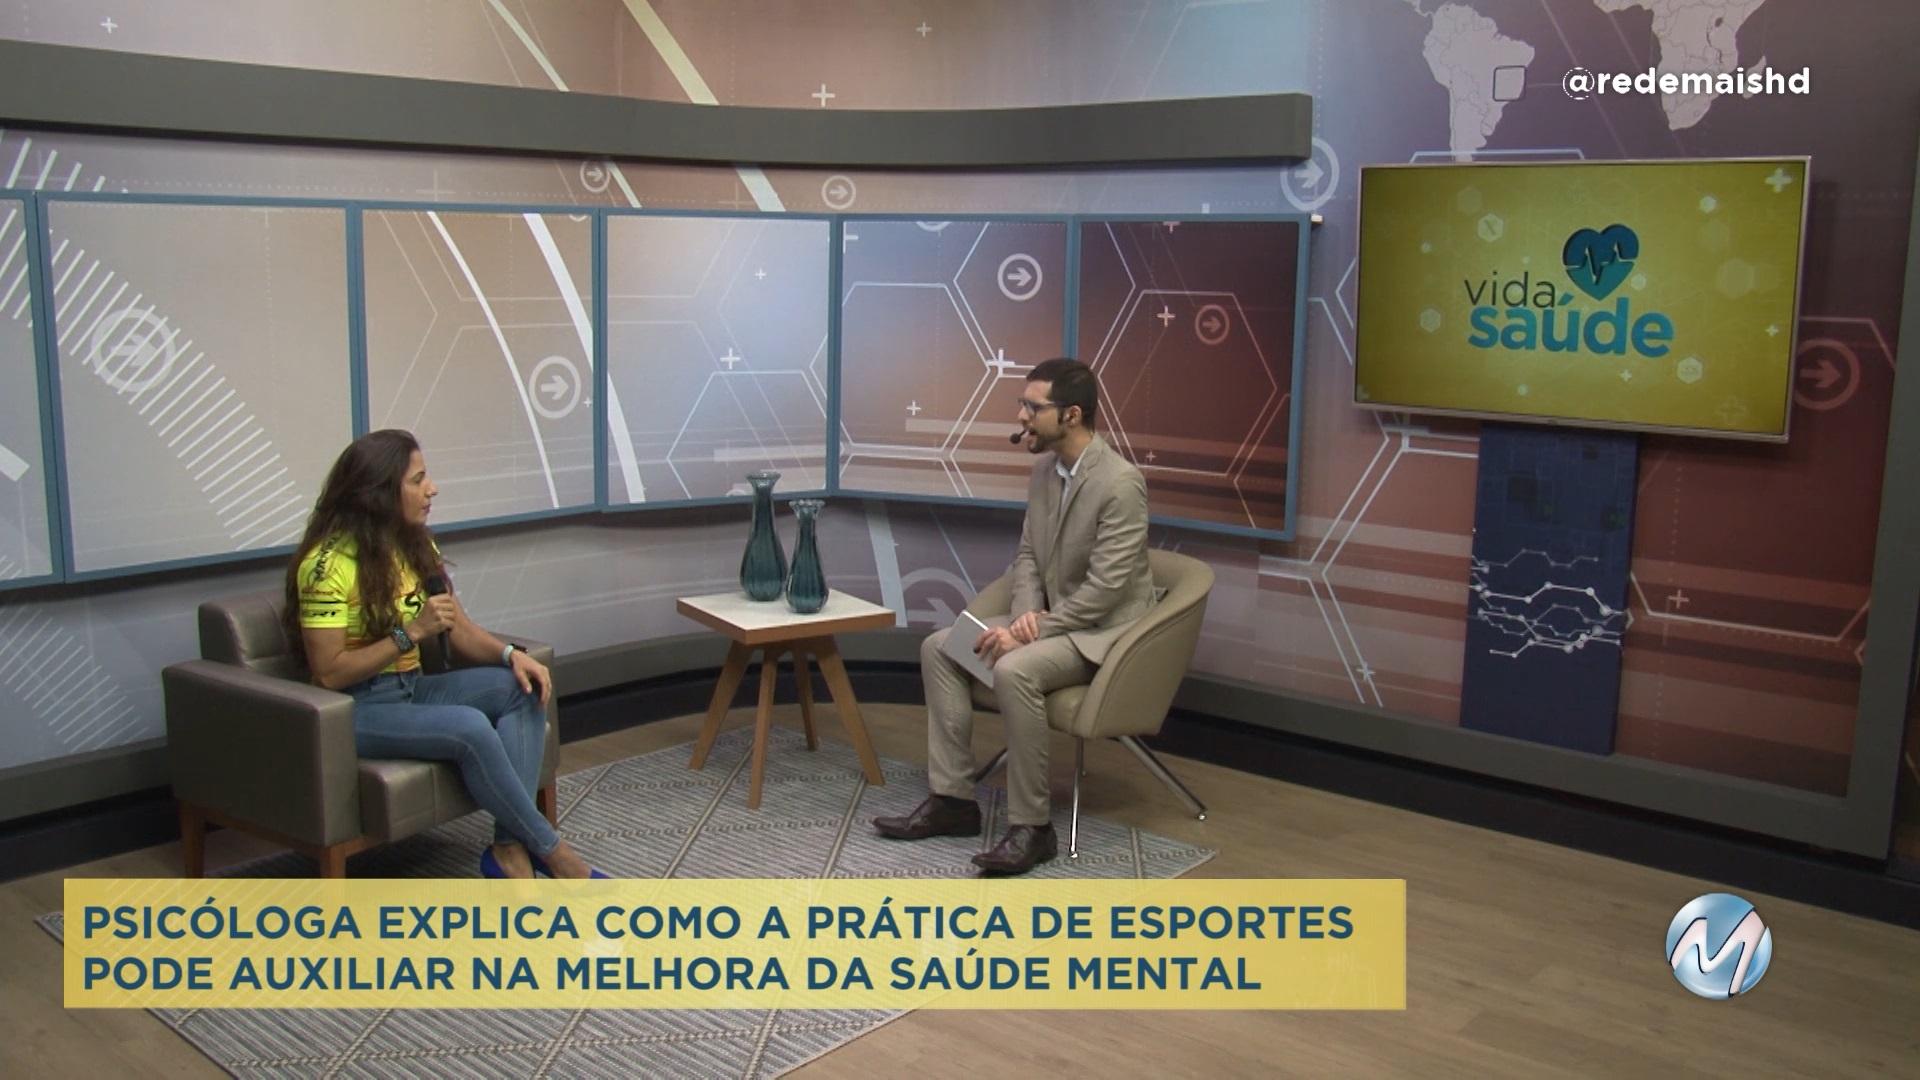 Prática esportiva aliada à saúde mental